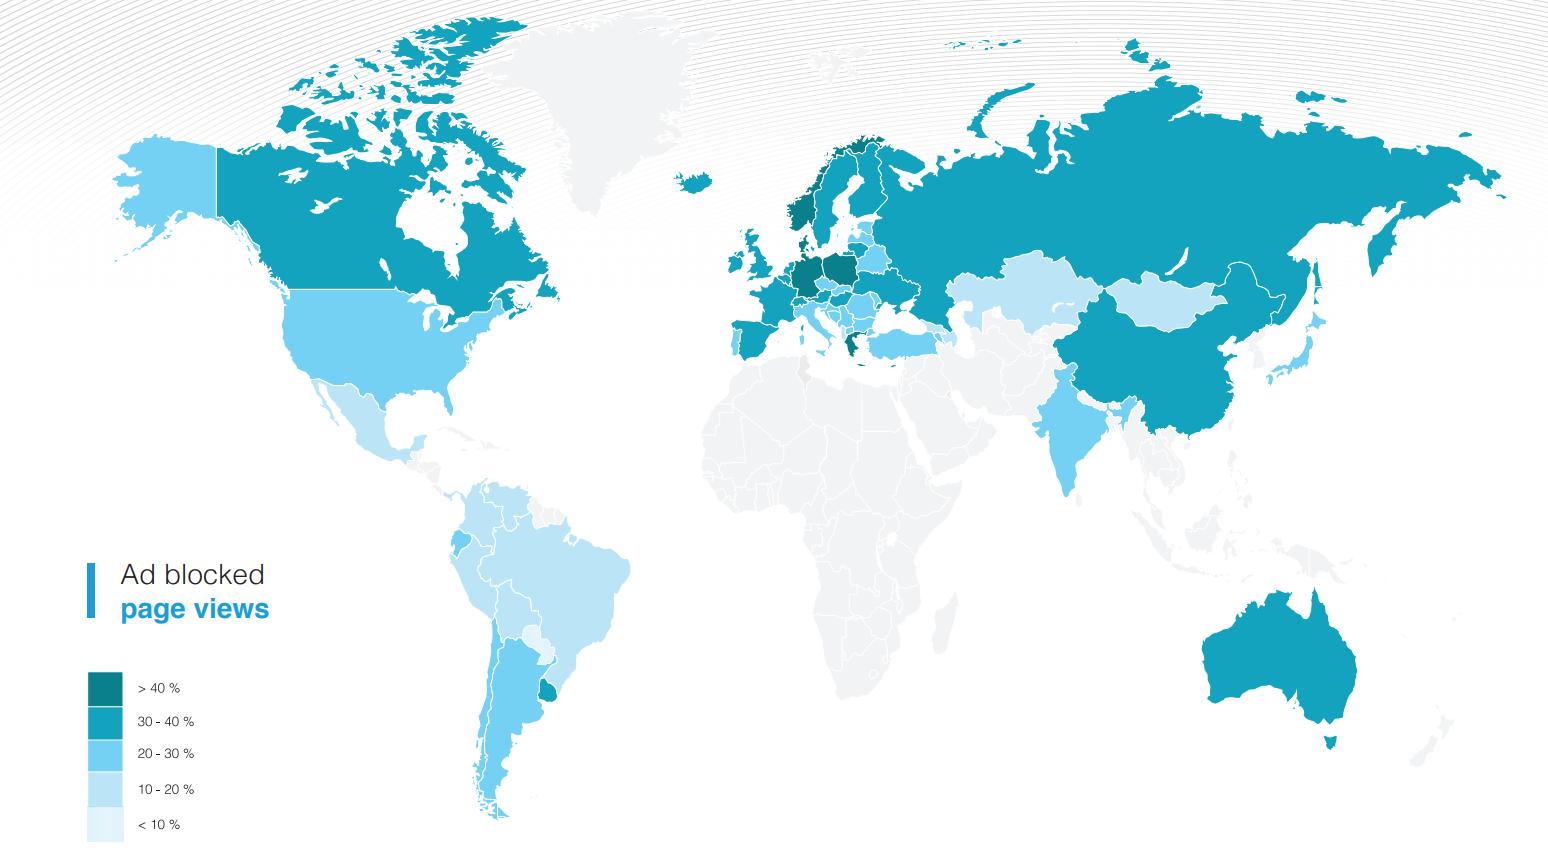 % ilosc zablokowanych stron na świecie